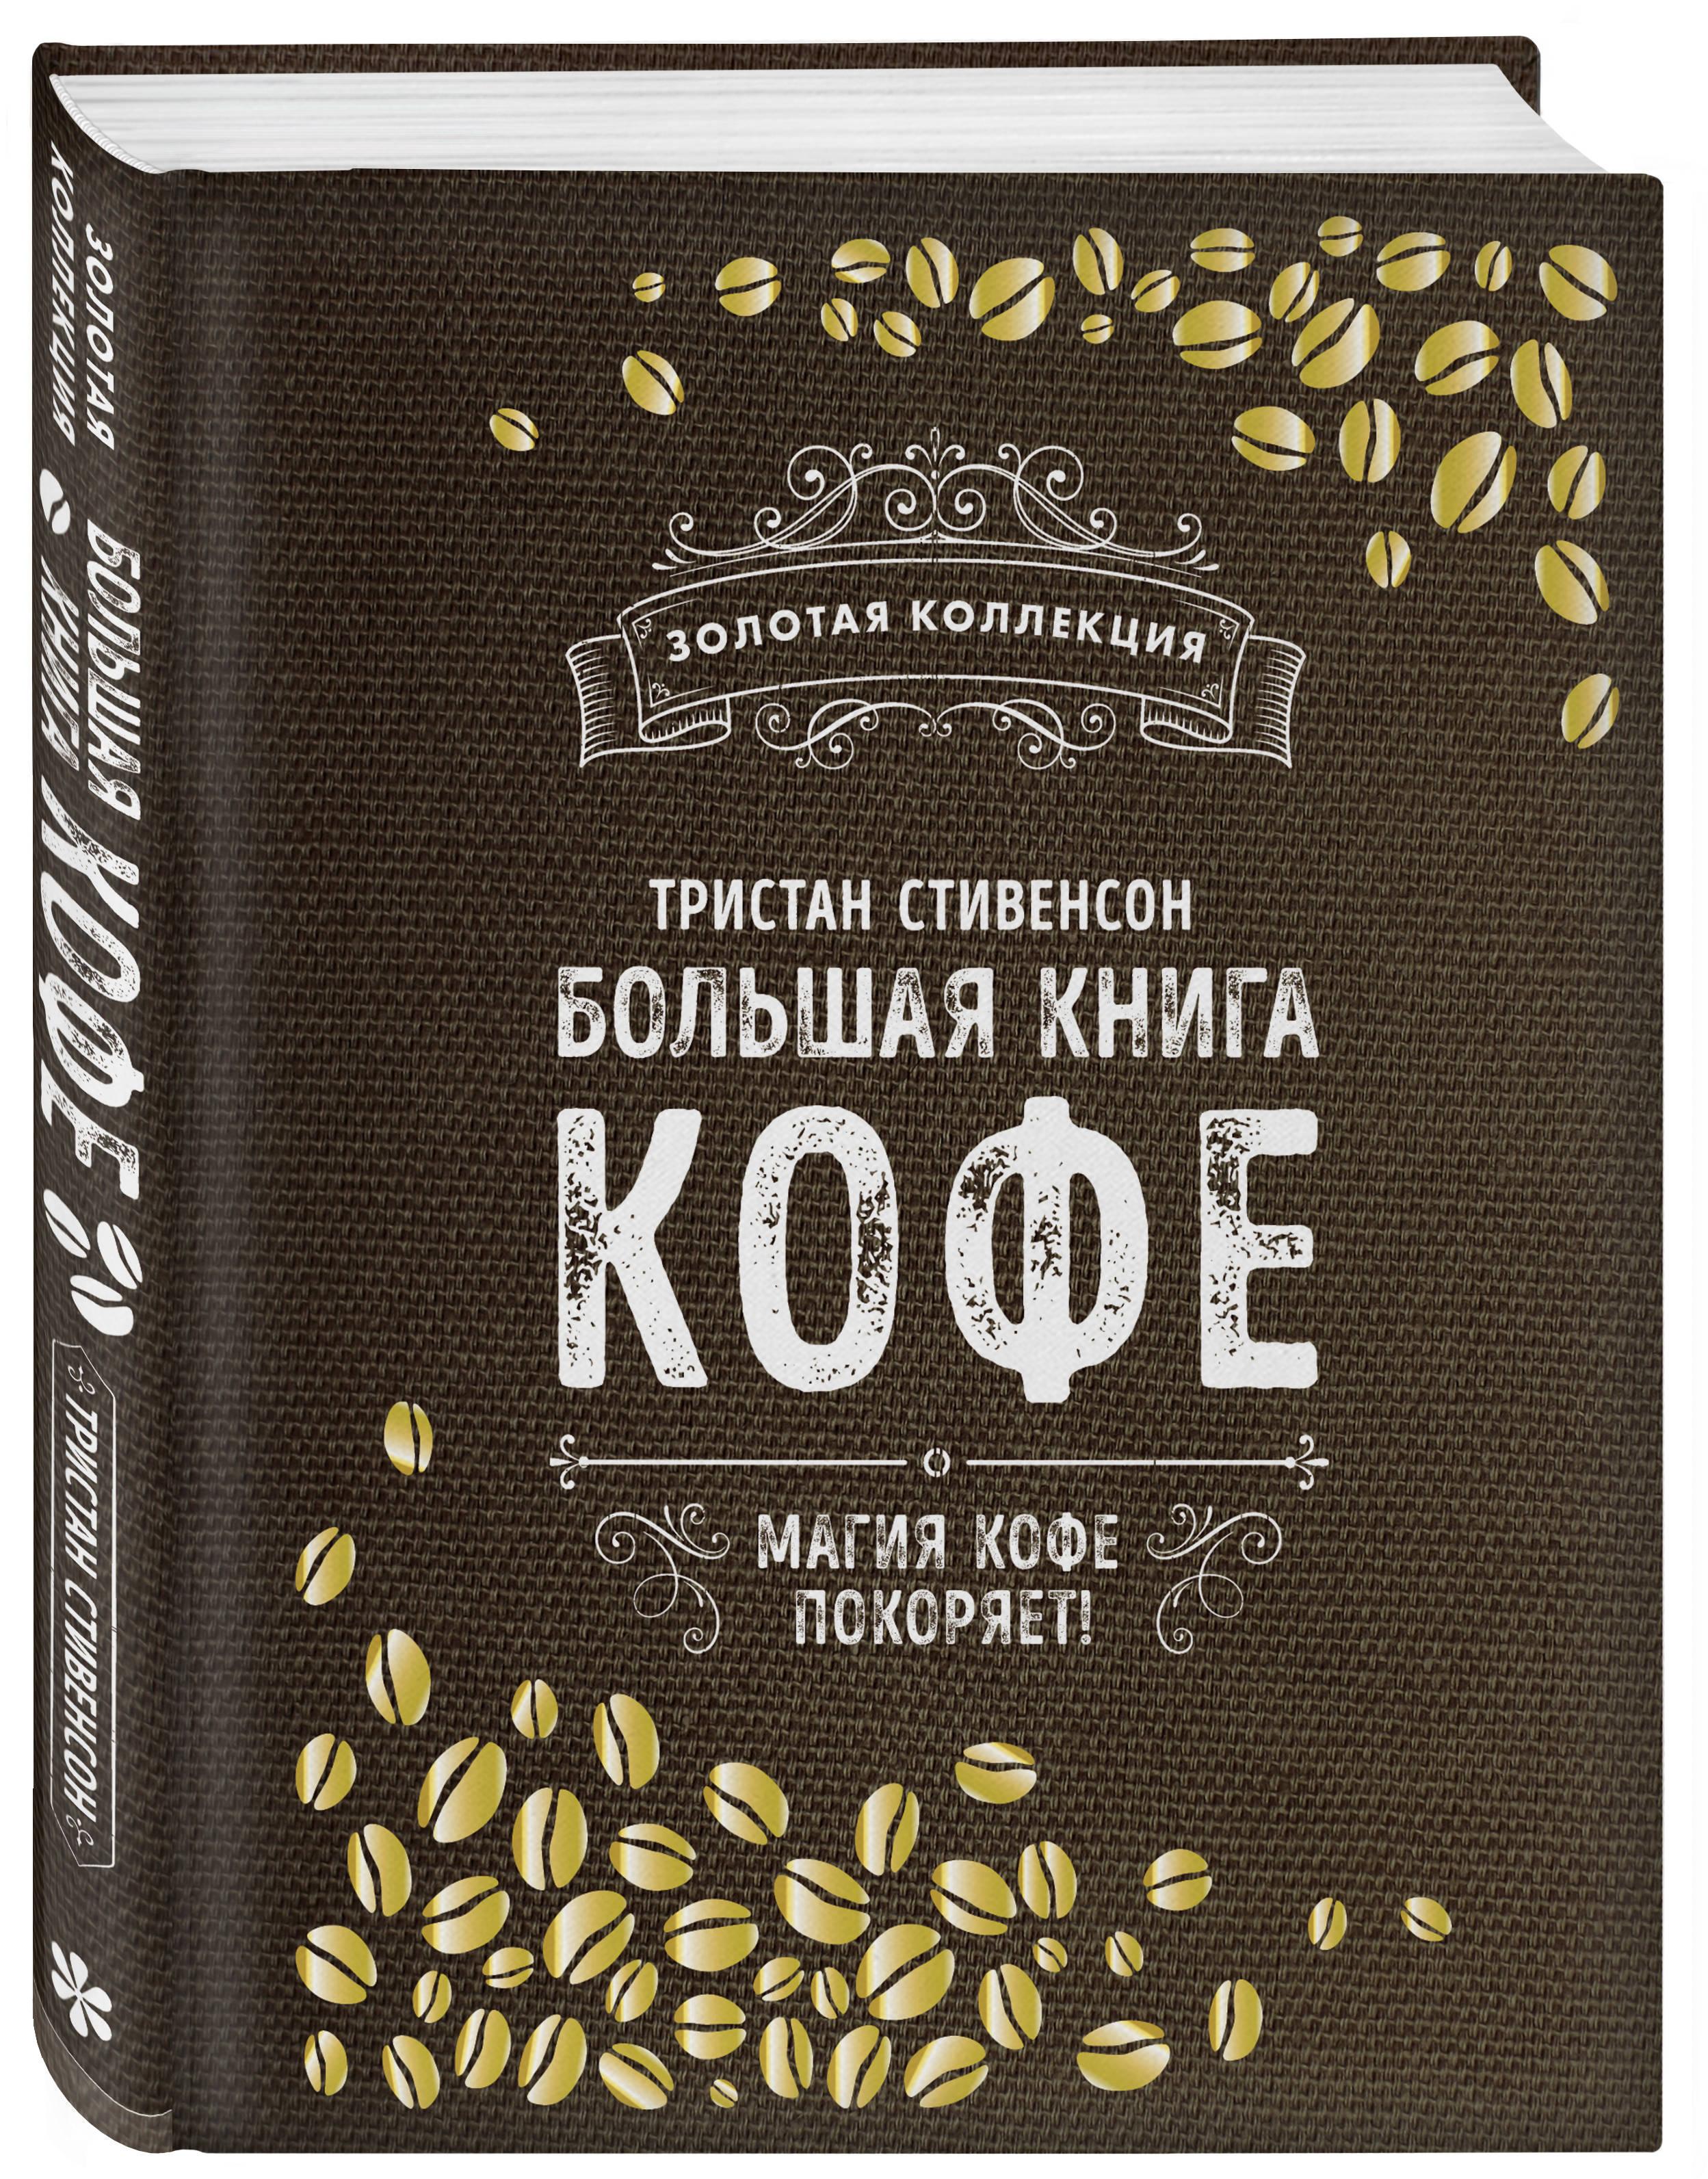 Большая книга кофе (Мешковина) ( Стивенсон Т.  )